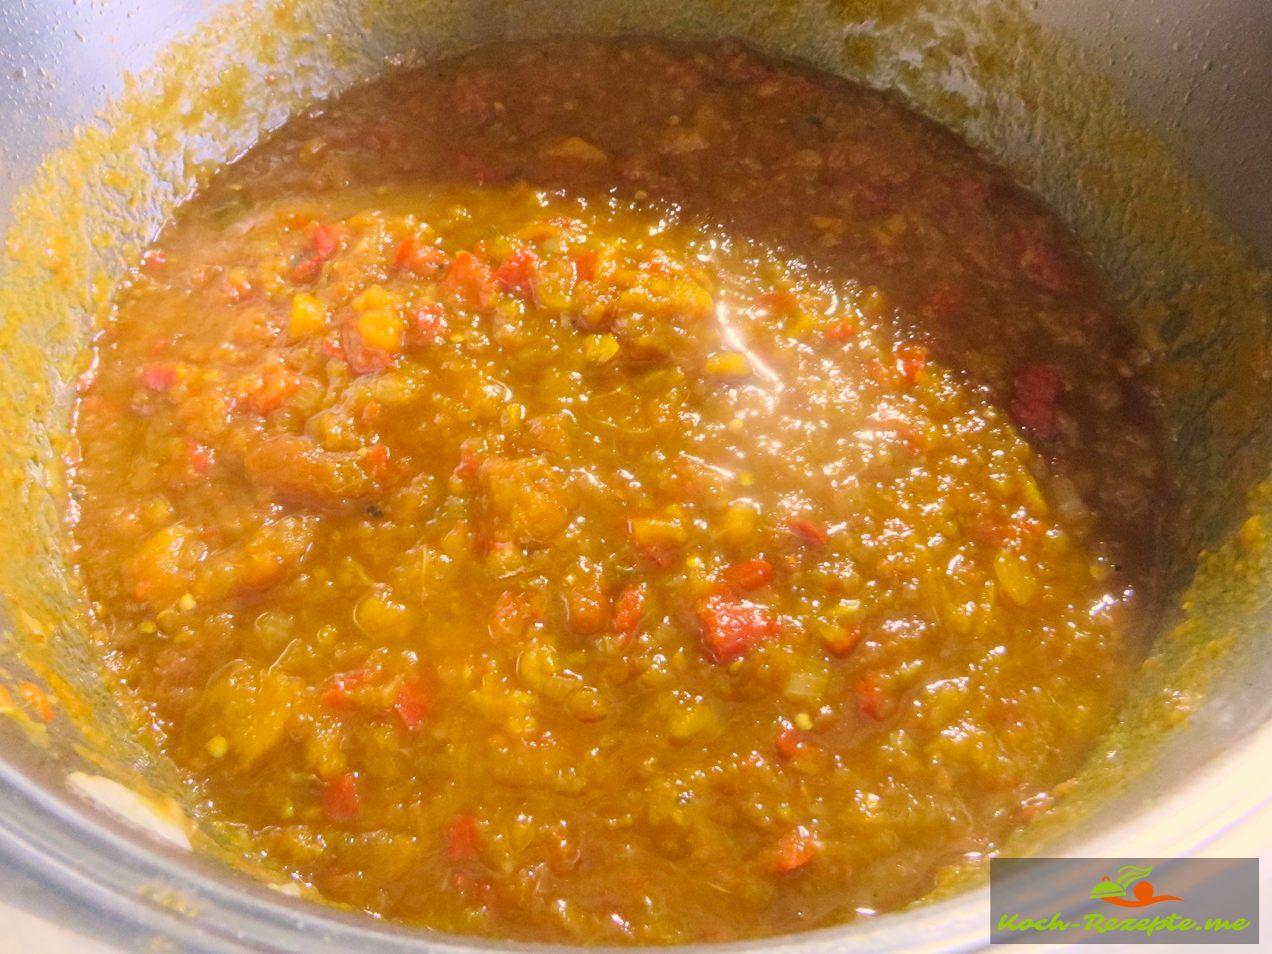 nach 3 Stunden köcheln ist die Gemüsepaste, die  Sauce fertig